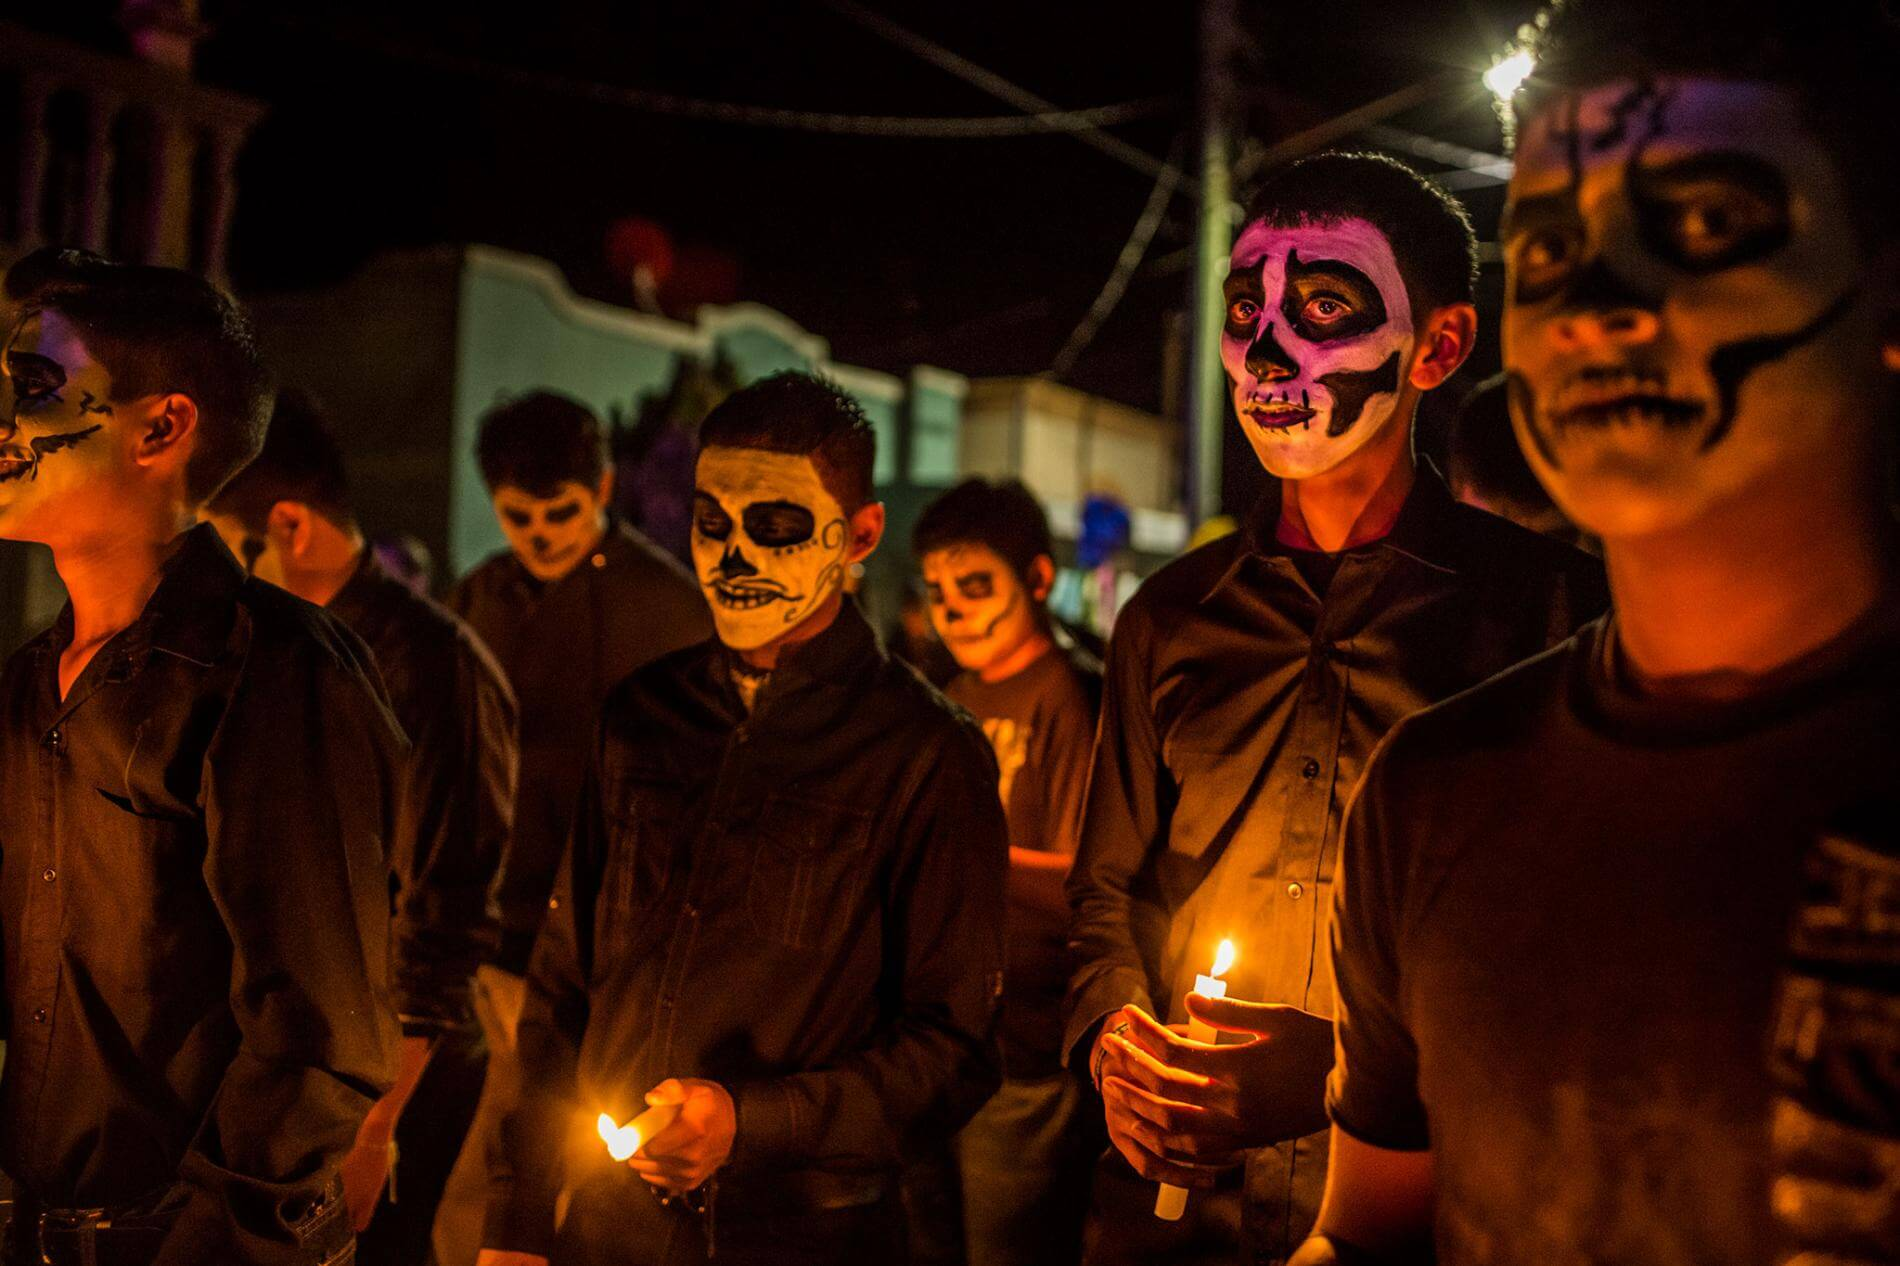 Ссвято Дня мертвих, коли мексиканці шанують своїх предків.